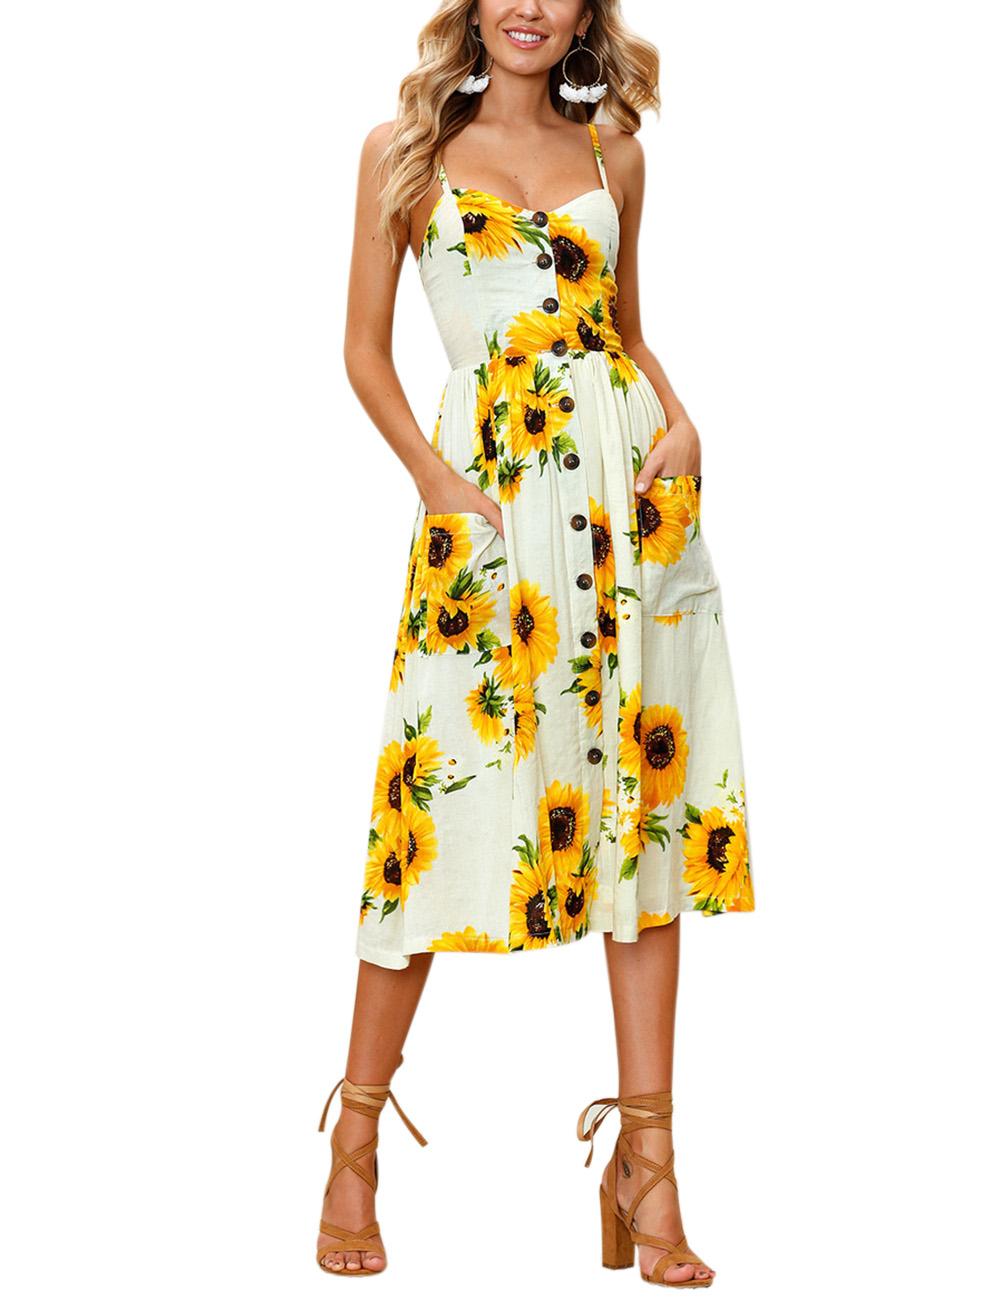 Women Sleeveless Long Dress Fashion Printing Elegant Beach Backless Sling Skirt for Summer